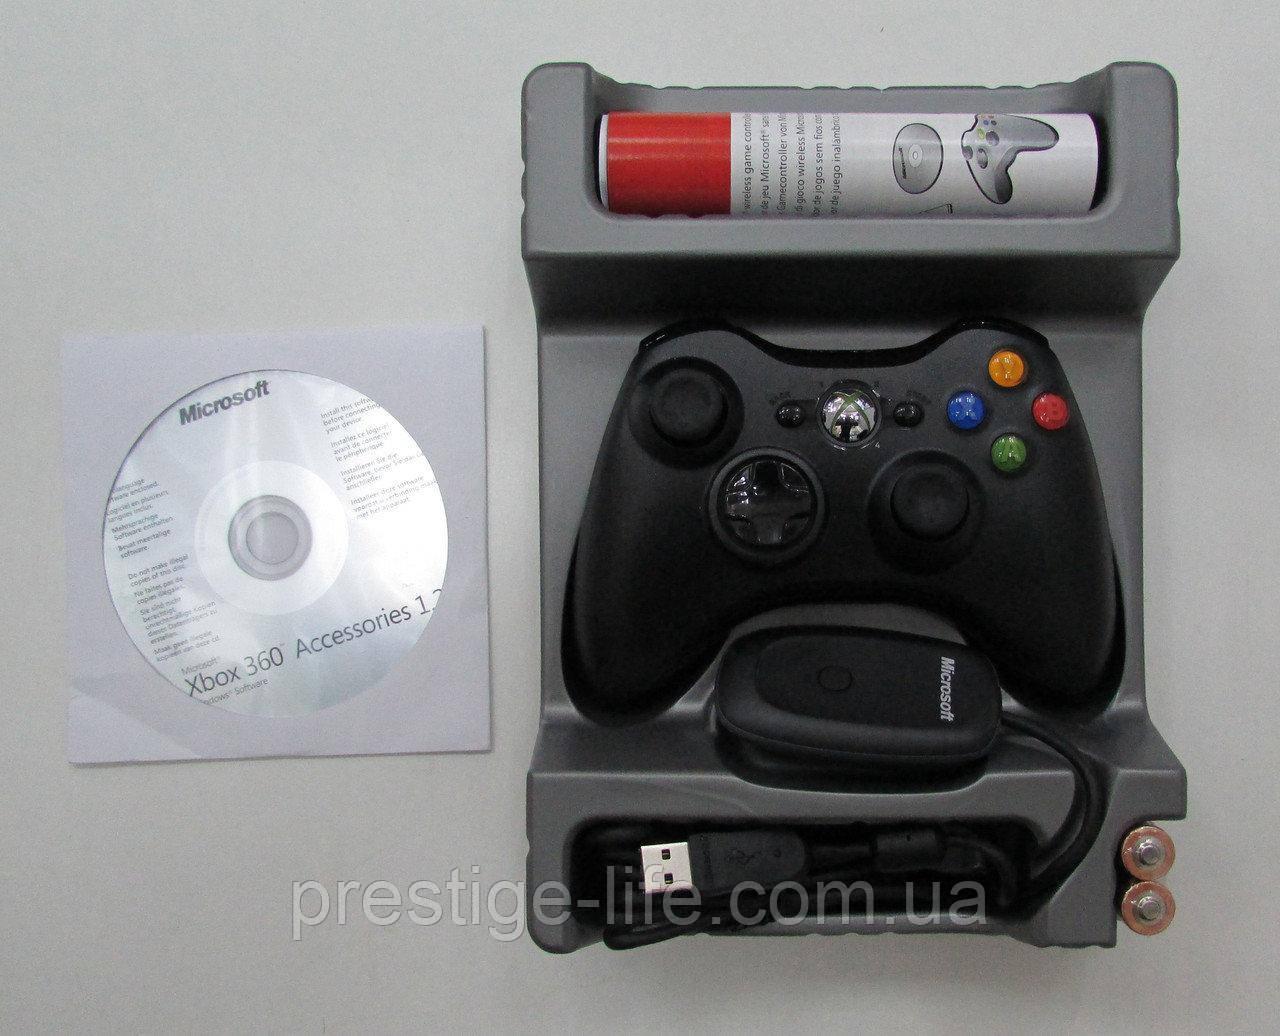 Беспроводной джойстик Microsoft X360